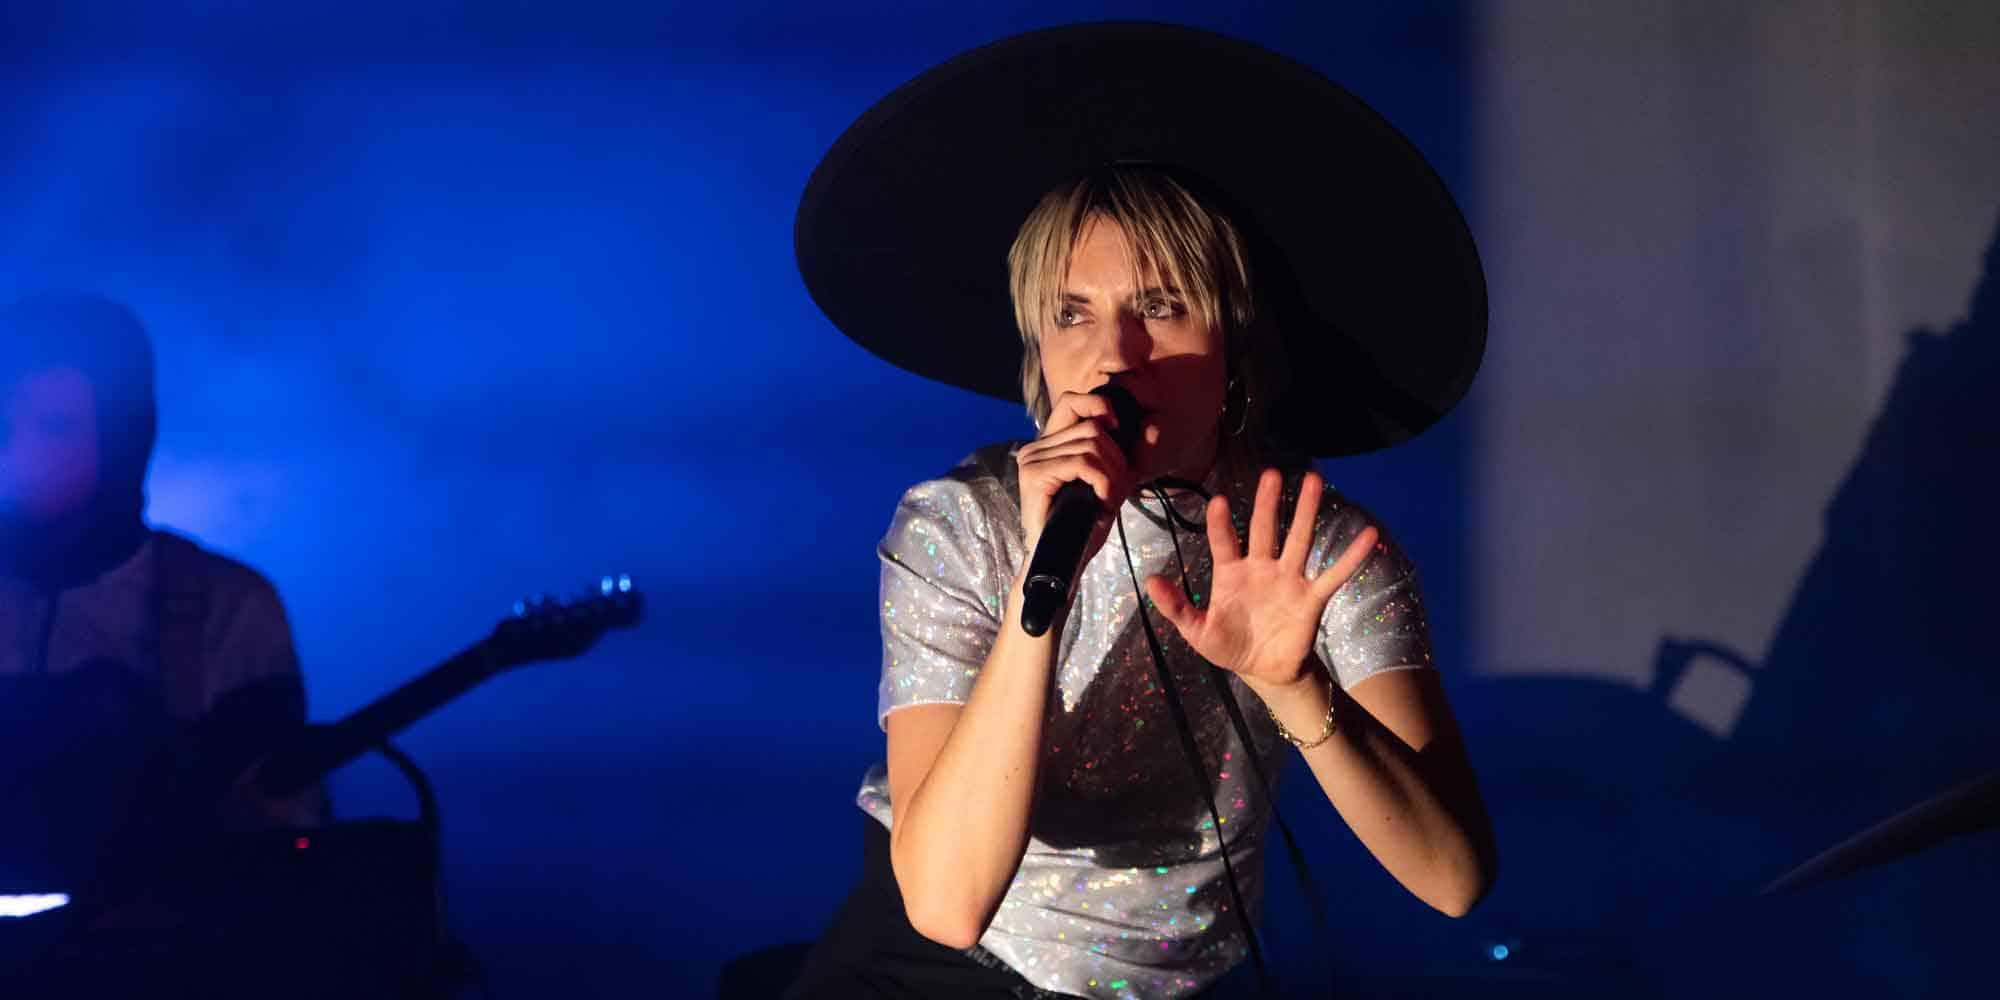 Mø live performance 2019 forever neverland